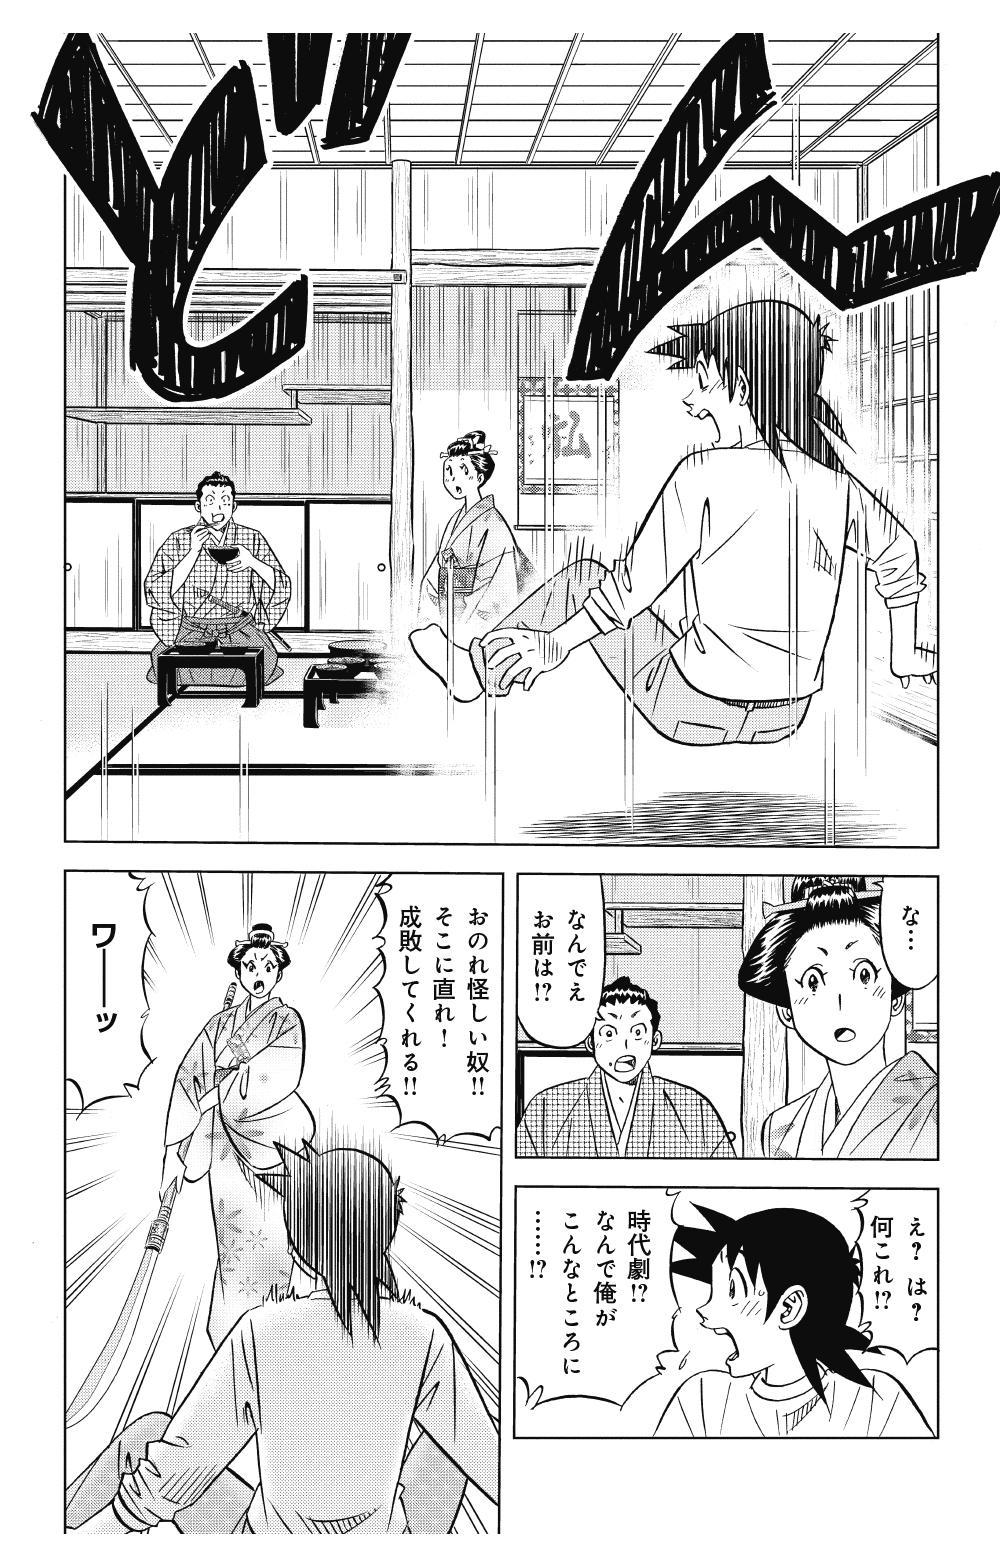 ミスター味っ子 幕末編 第1話「黒船来航」①ajikko05.jpg